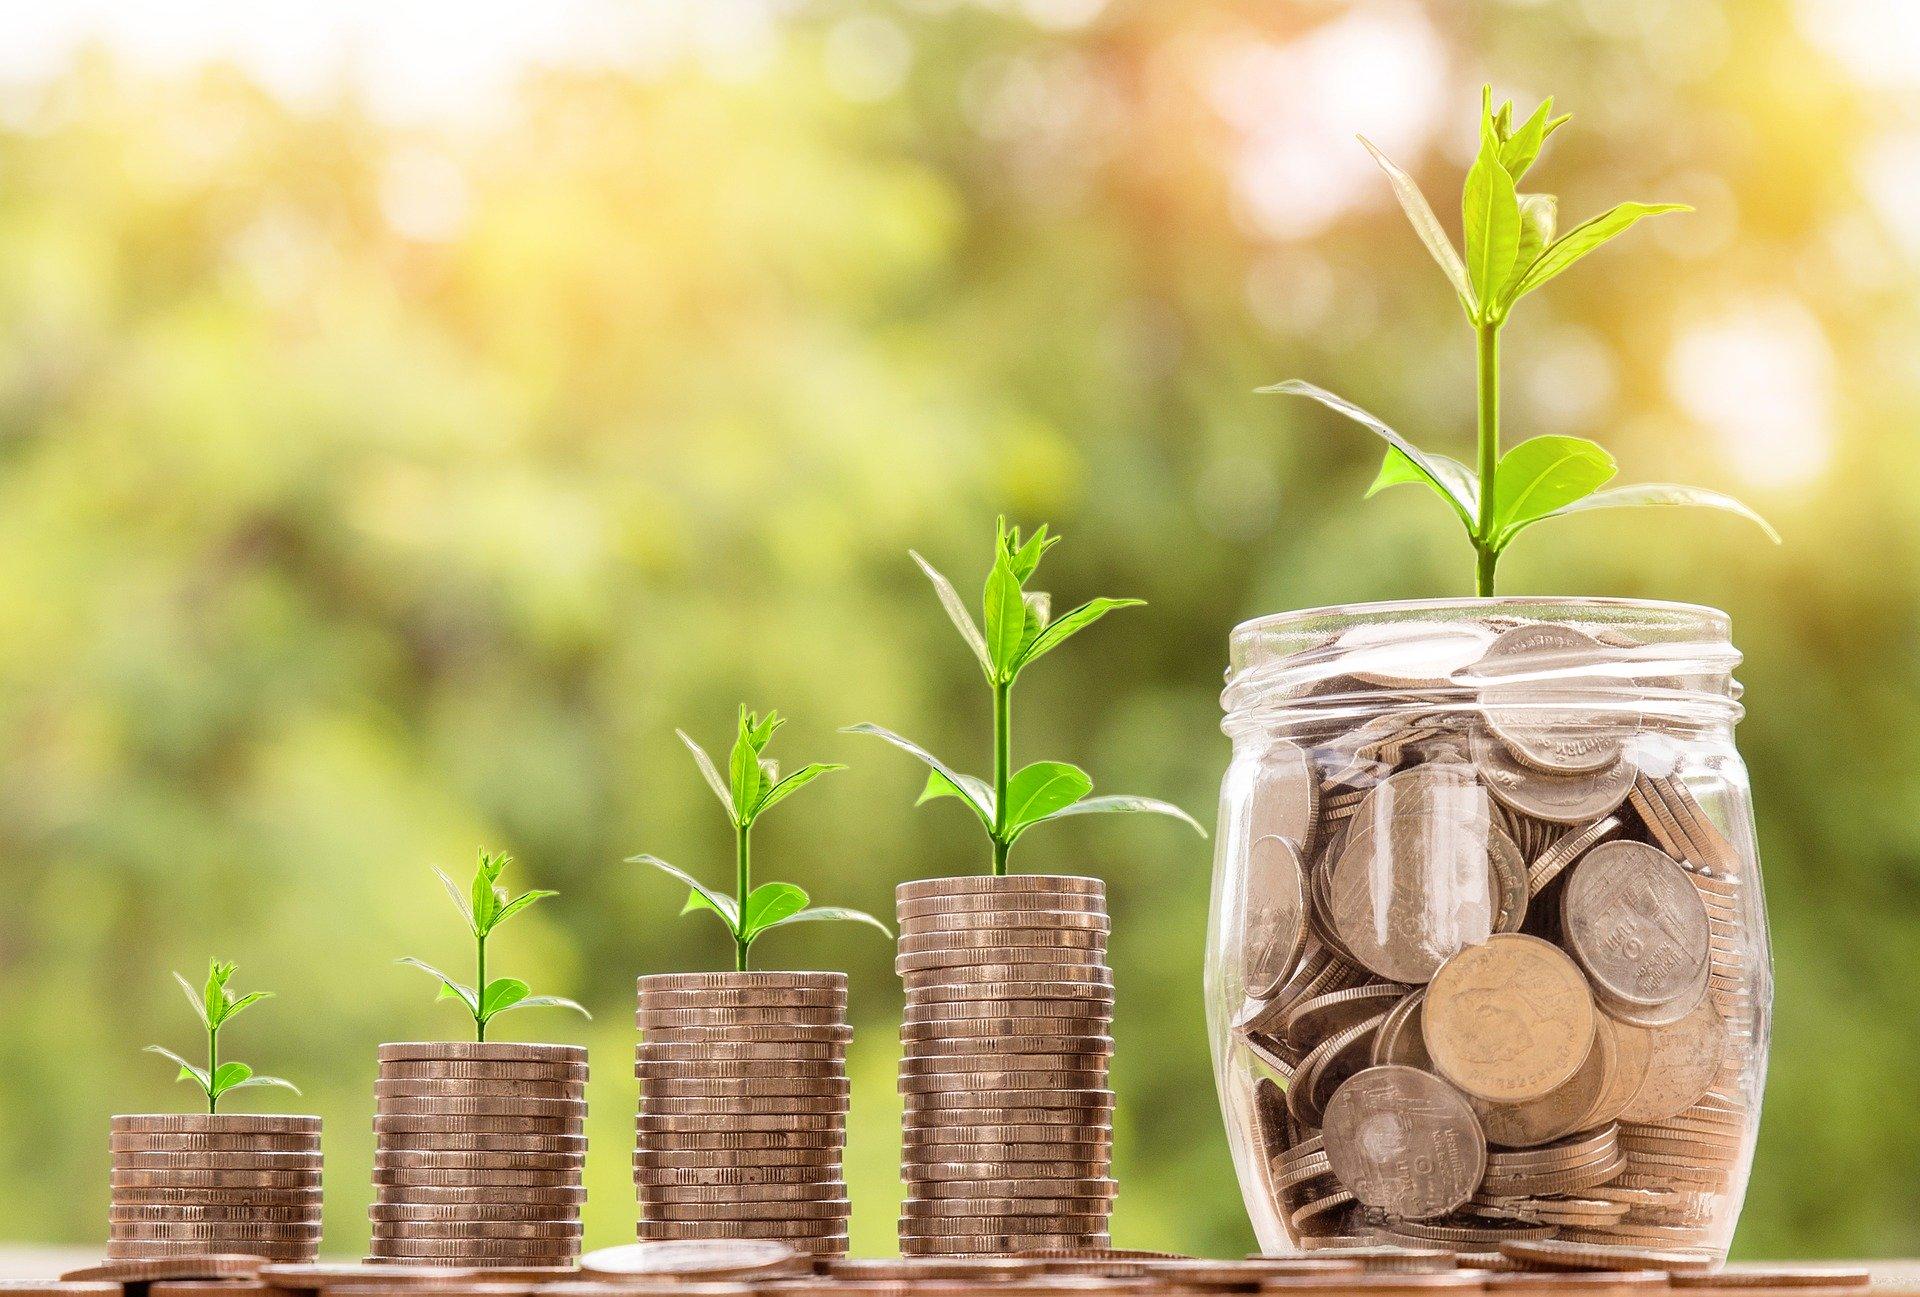 Der B2B E-Commerce: Ein wachsender Markt mit Potenzial (Gastbeitrag)